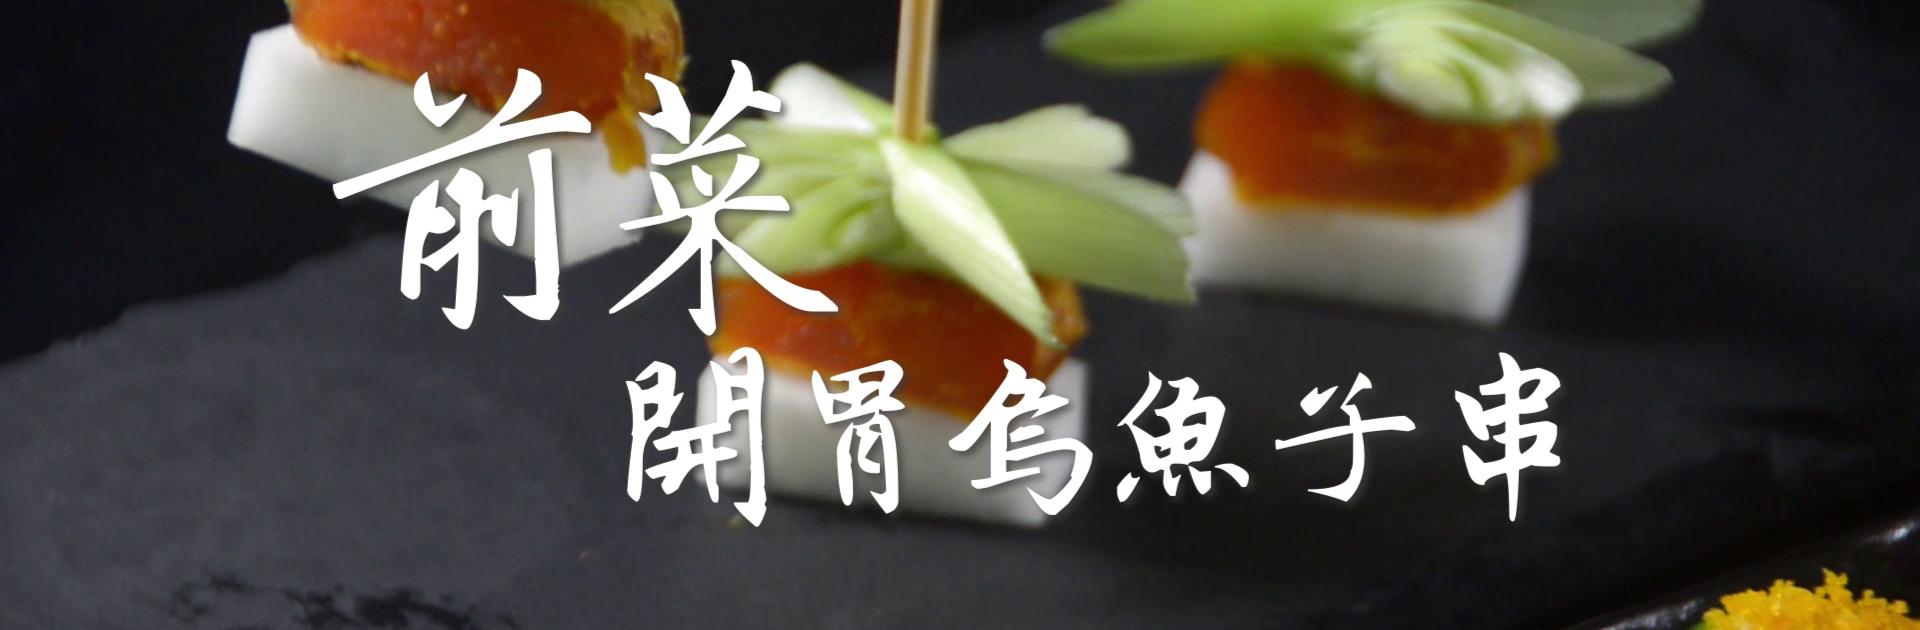 前菜开胃乌鱼子串★okane